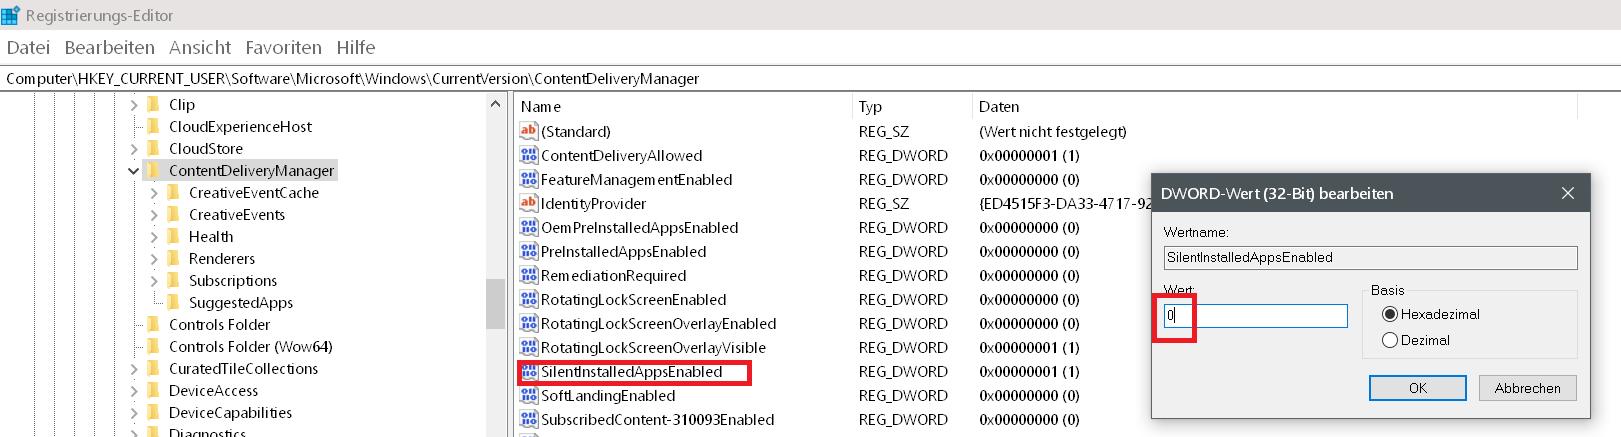 Windows 10 Automatische Installation von Apps verhindern 5